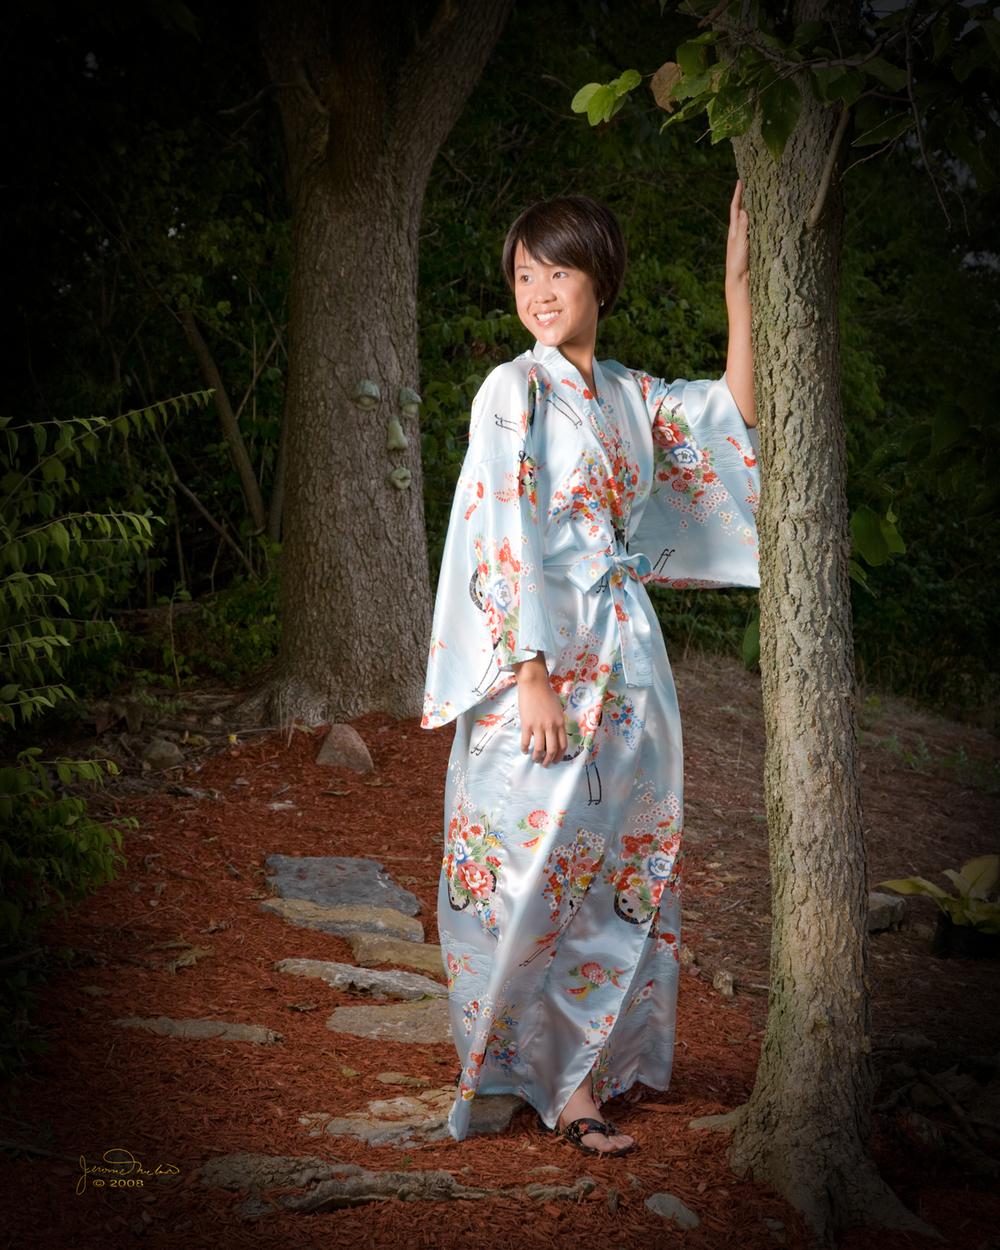 Diane_Shao063-8x10.jpg